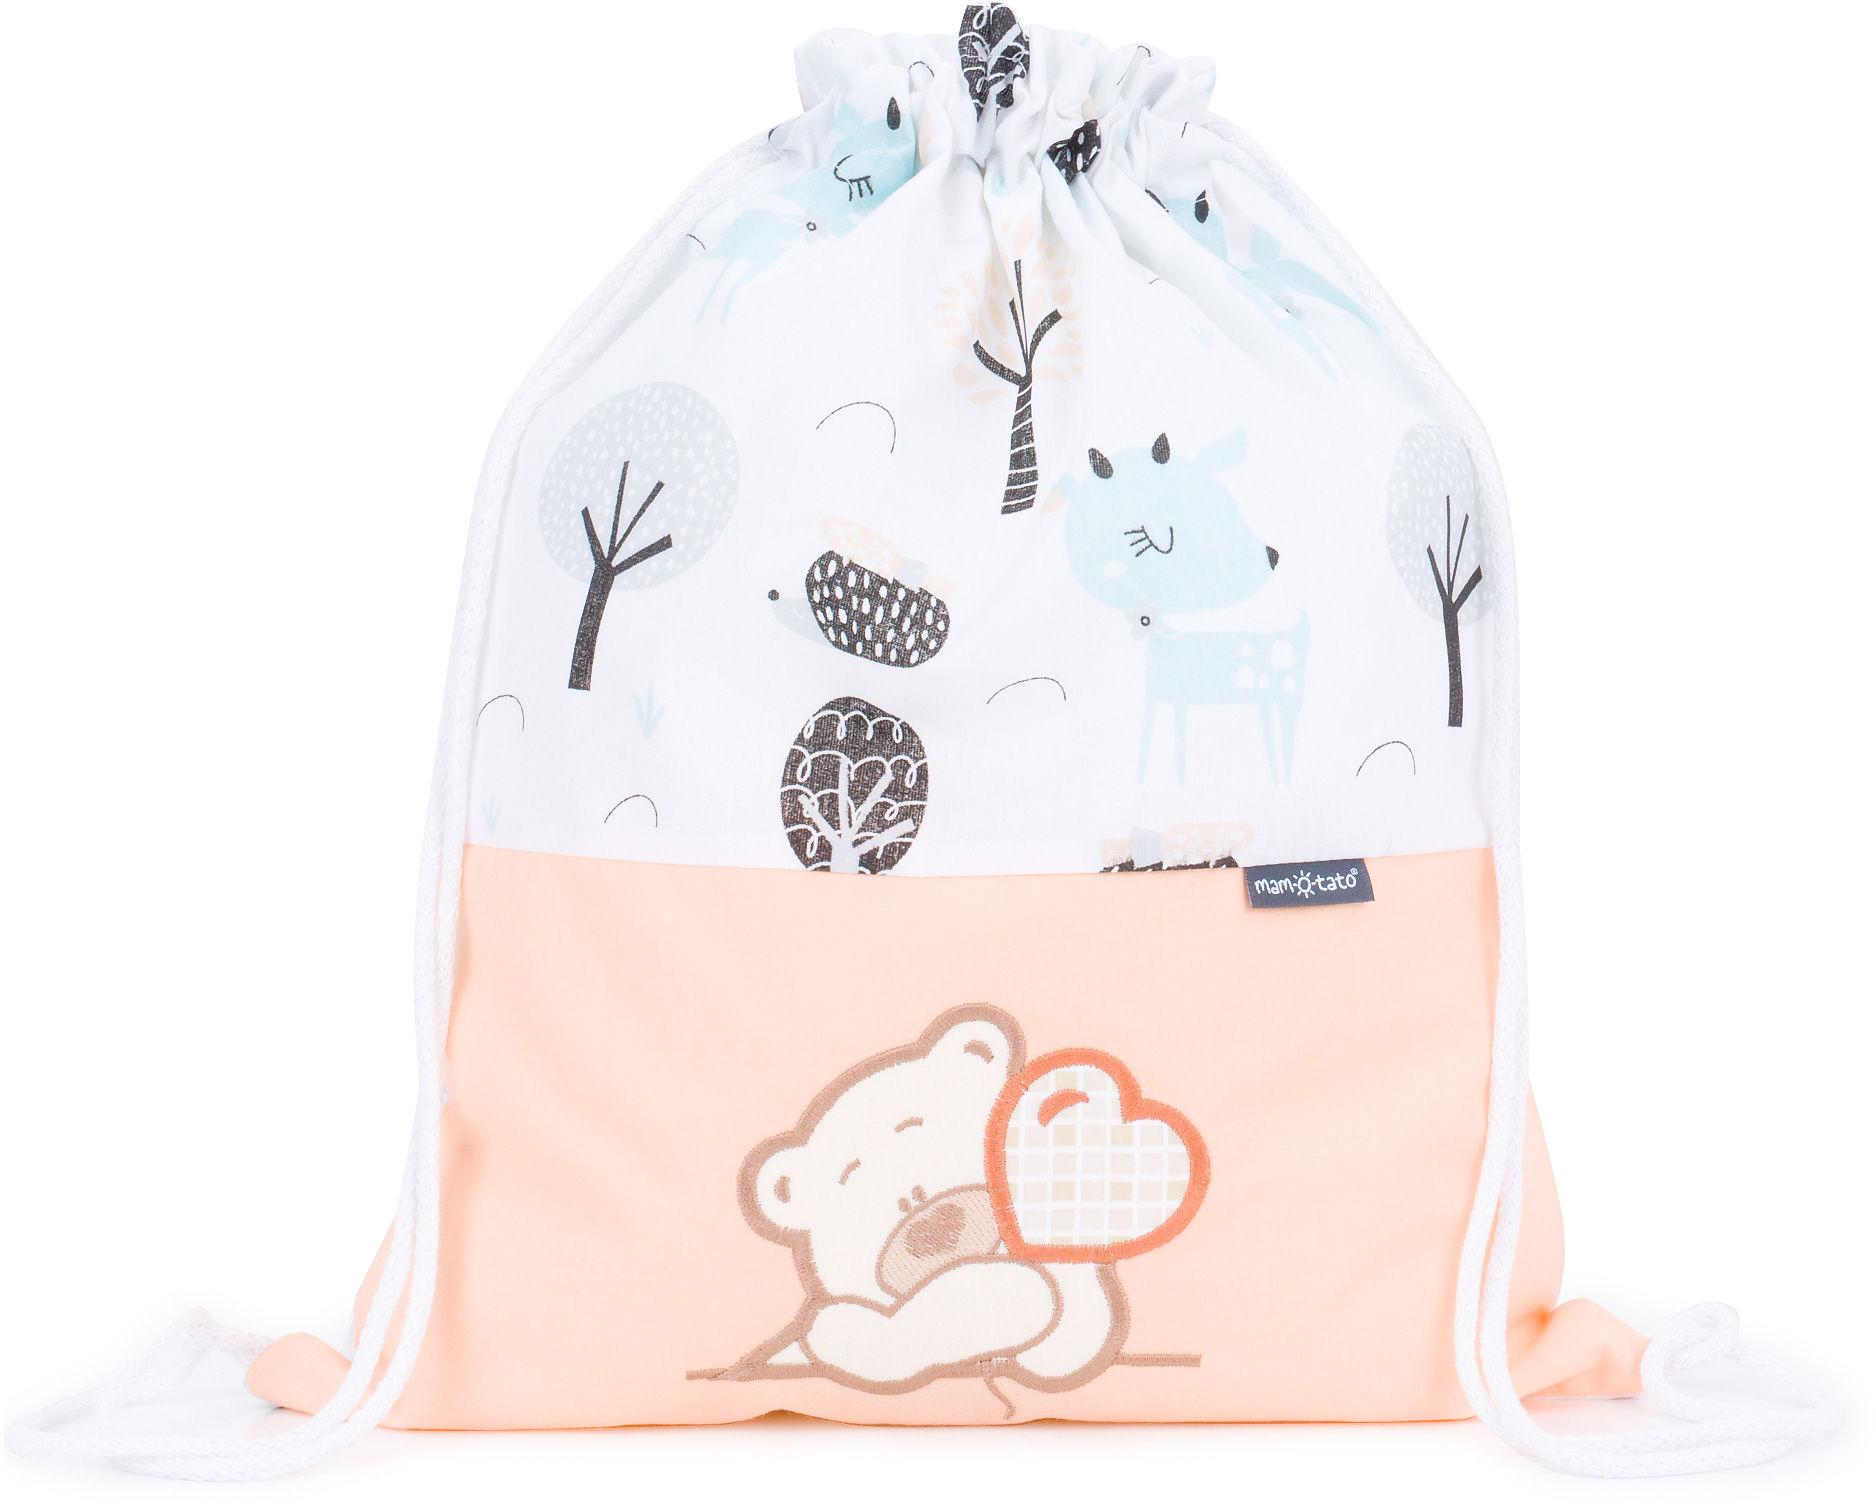 Plecak / worek bawełniany dla dzieci Jelonki turkus / mis z serduszkiem brzoskwiniowy